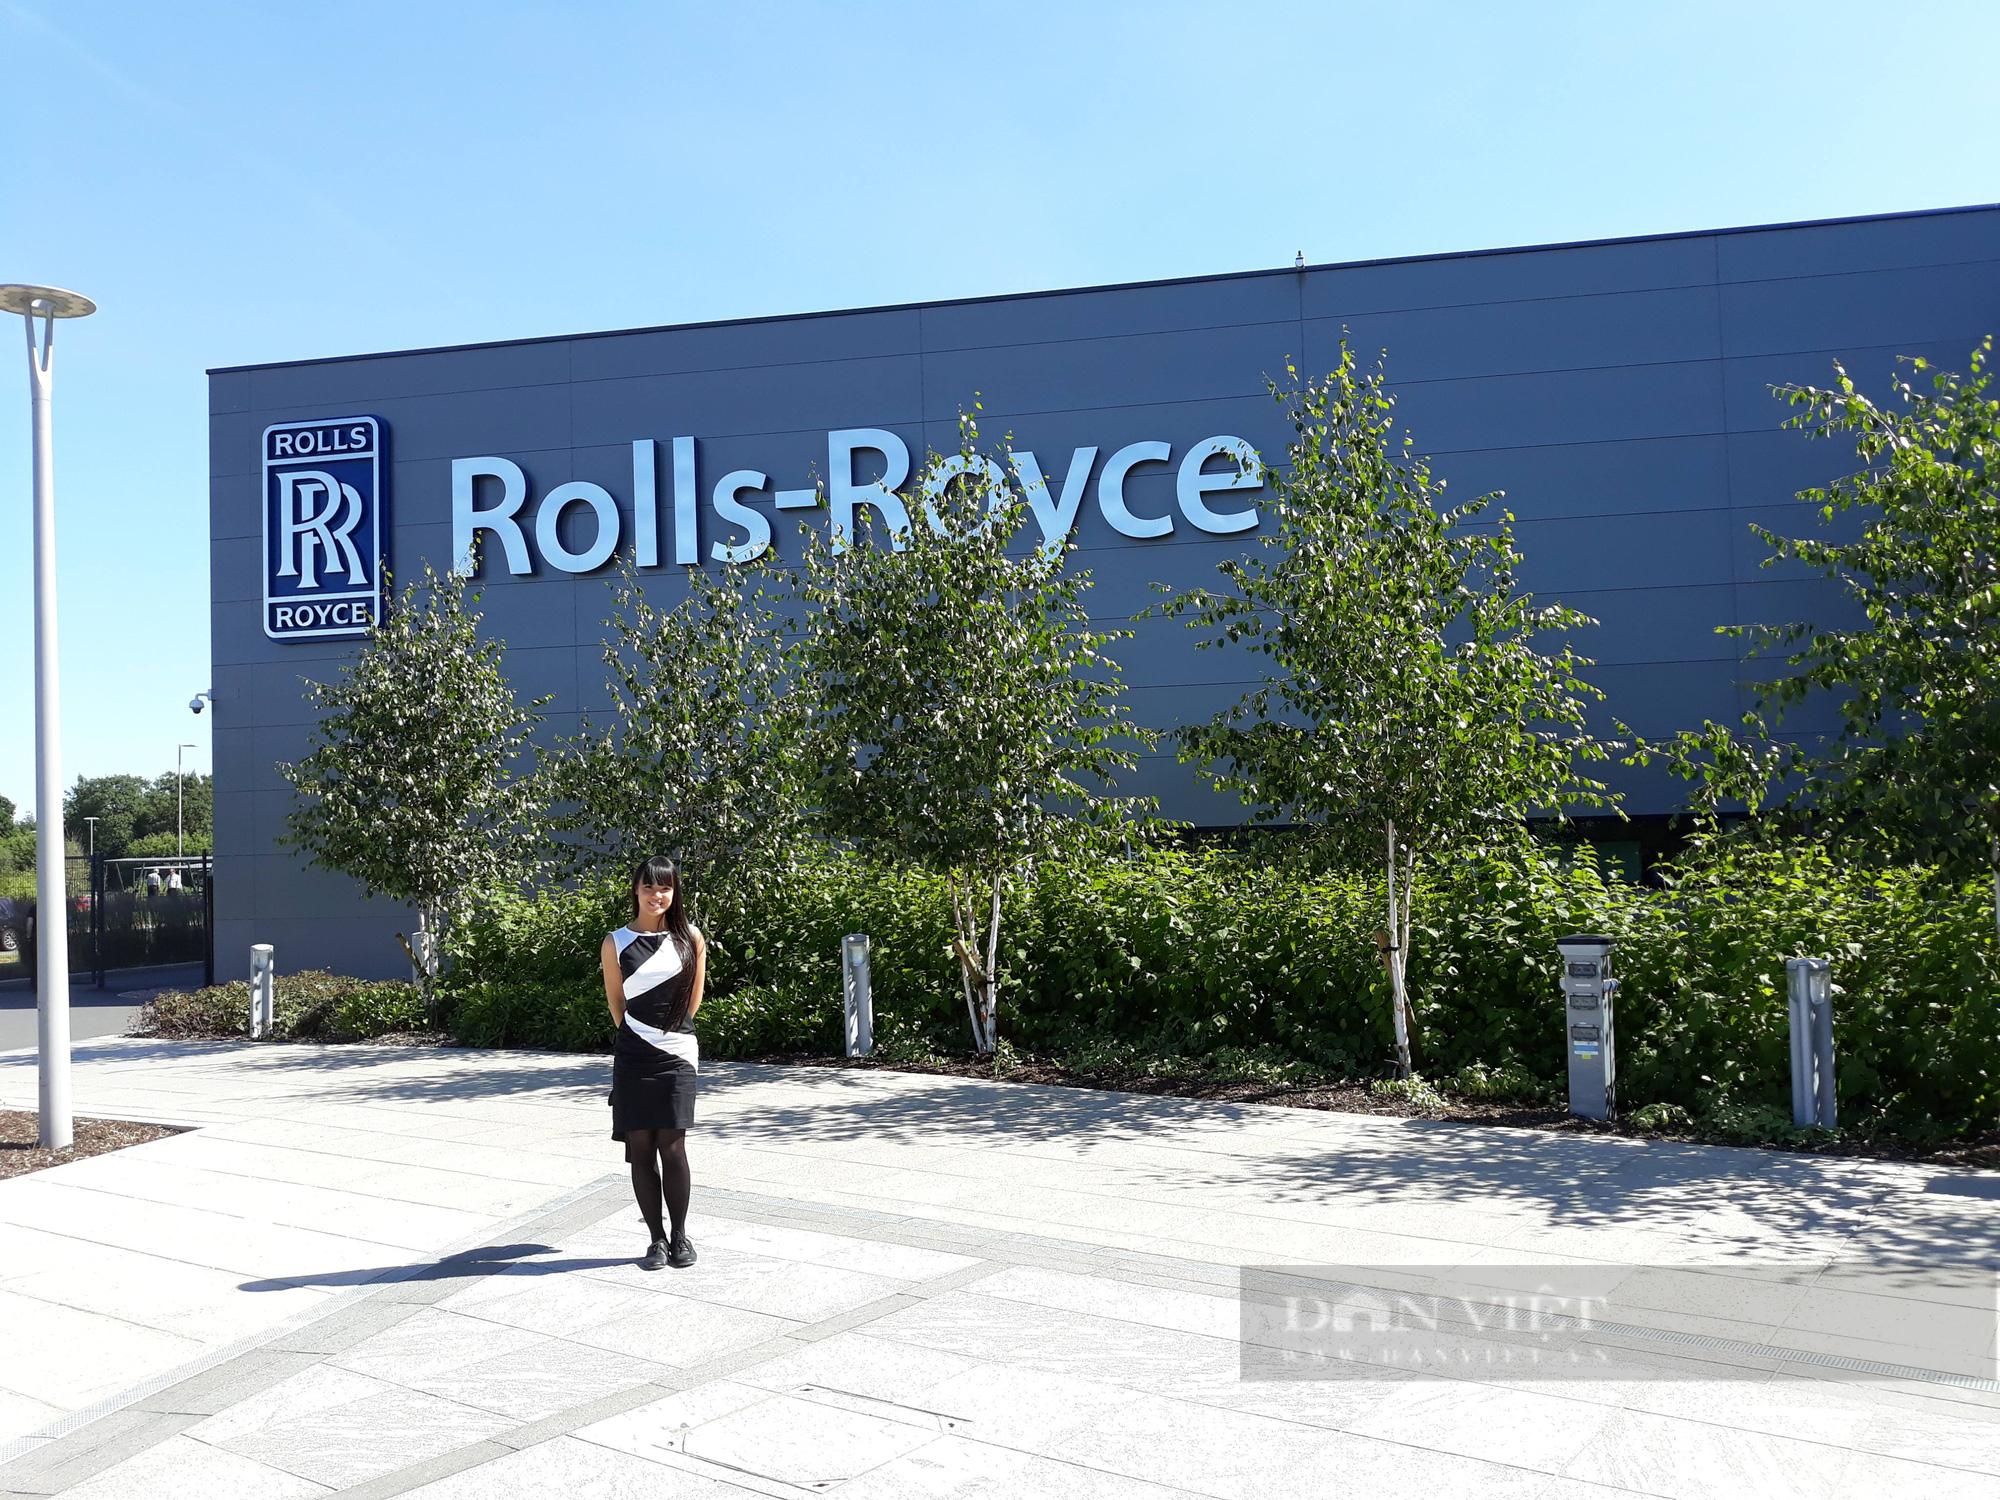 Nữ sinh lọt top 10 sinh viên xuất sắc nhất hãng Rolls-Royce, xinh đẹp và biết 6 thứ tiếng - Ảnh 2.